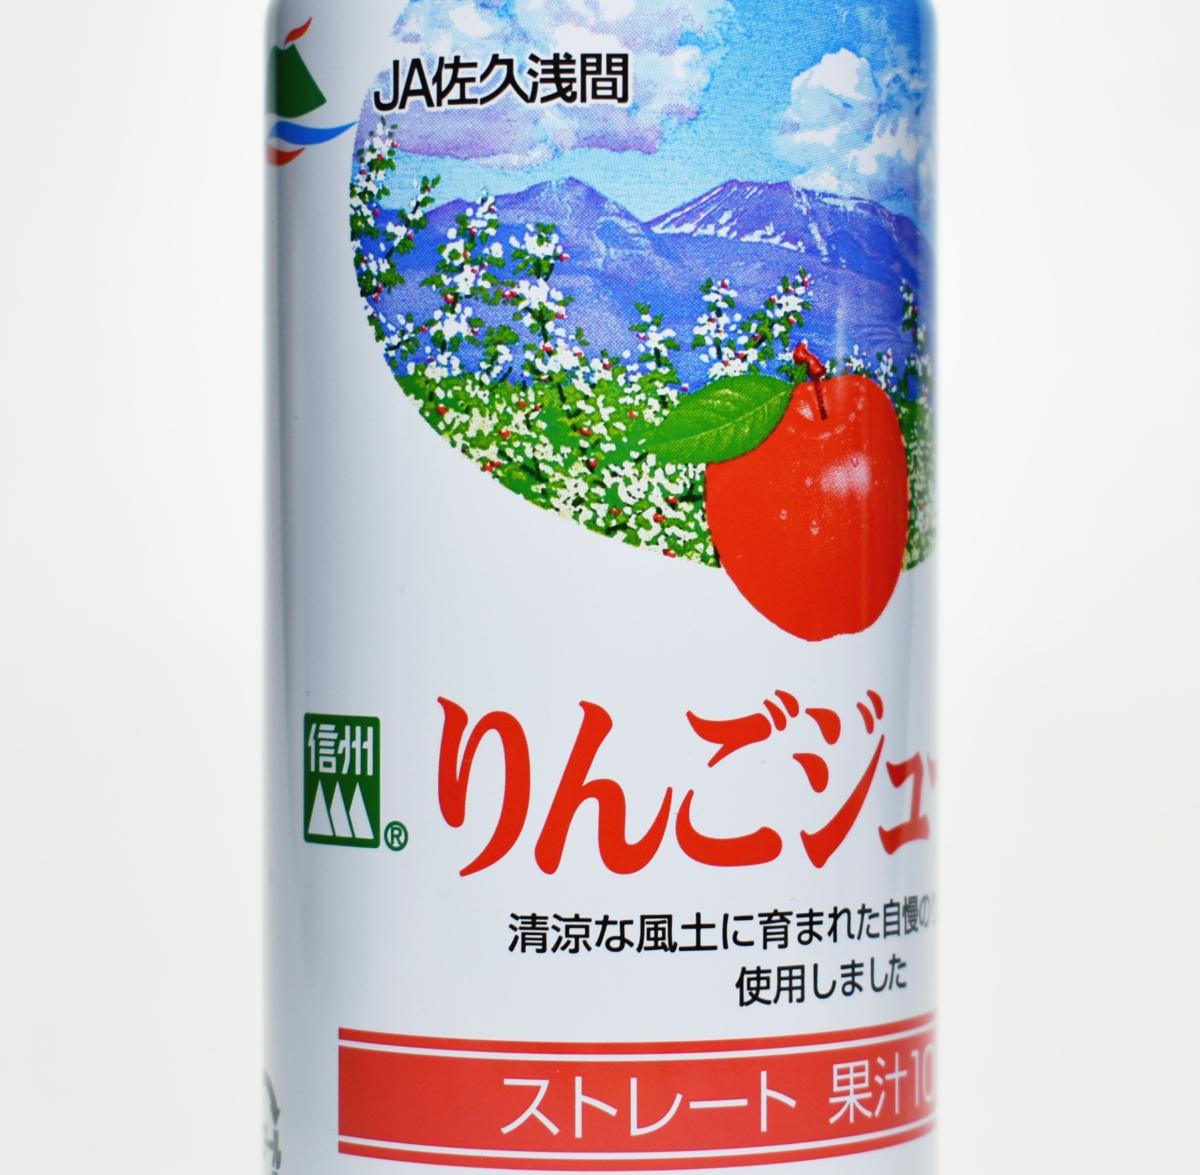 JA佐久浅間,りんごジュース